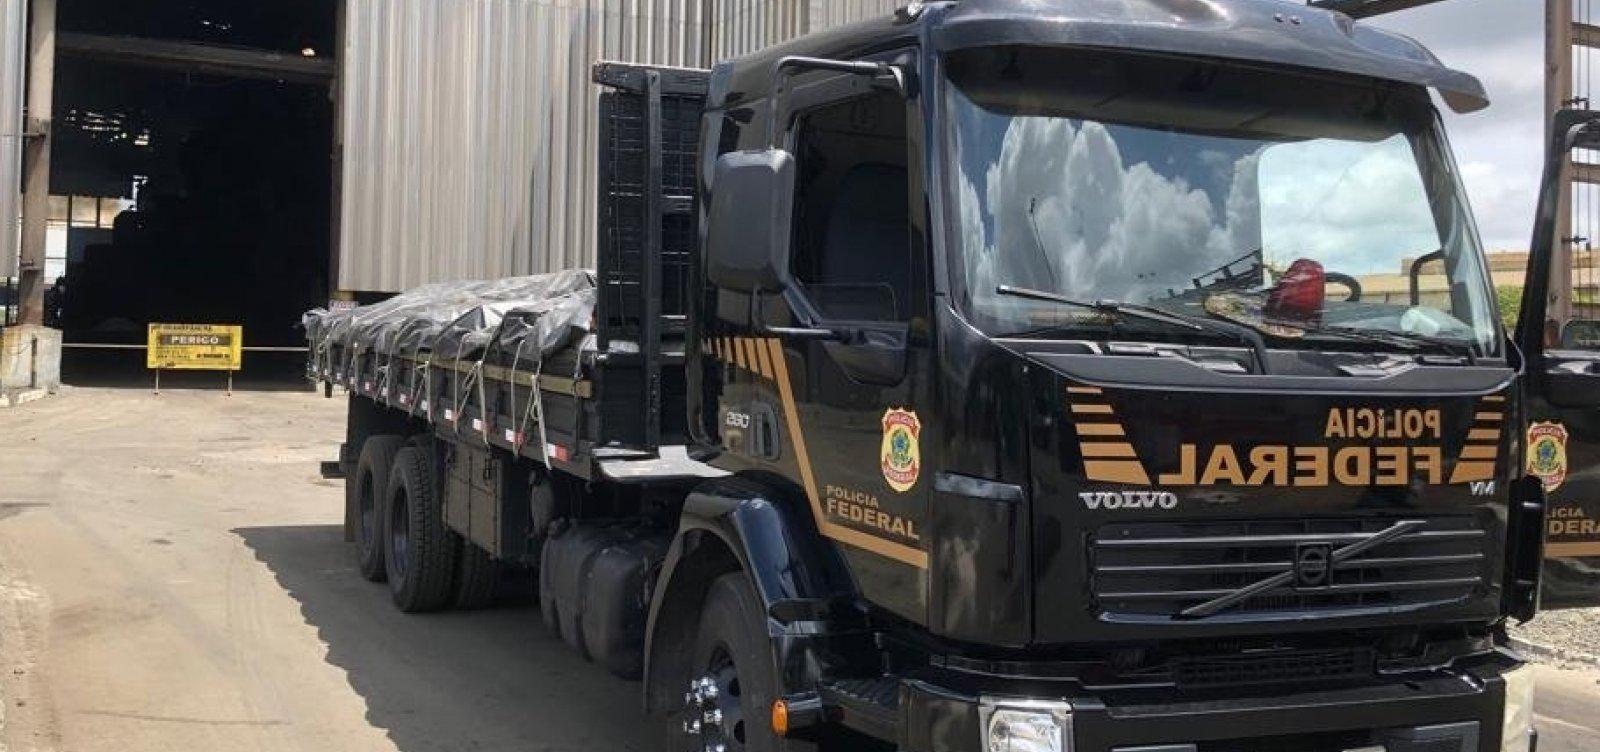 [PF incinera quase 2,5 toneladas de drogas em Salvador]